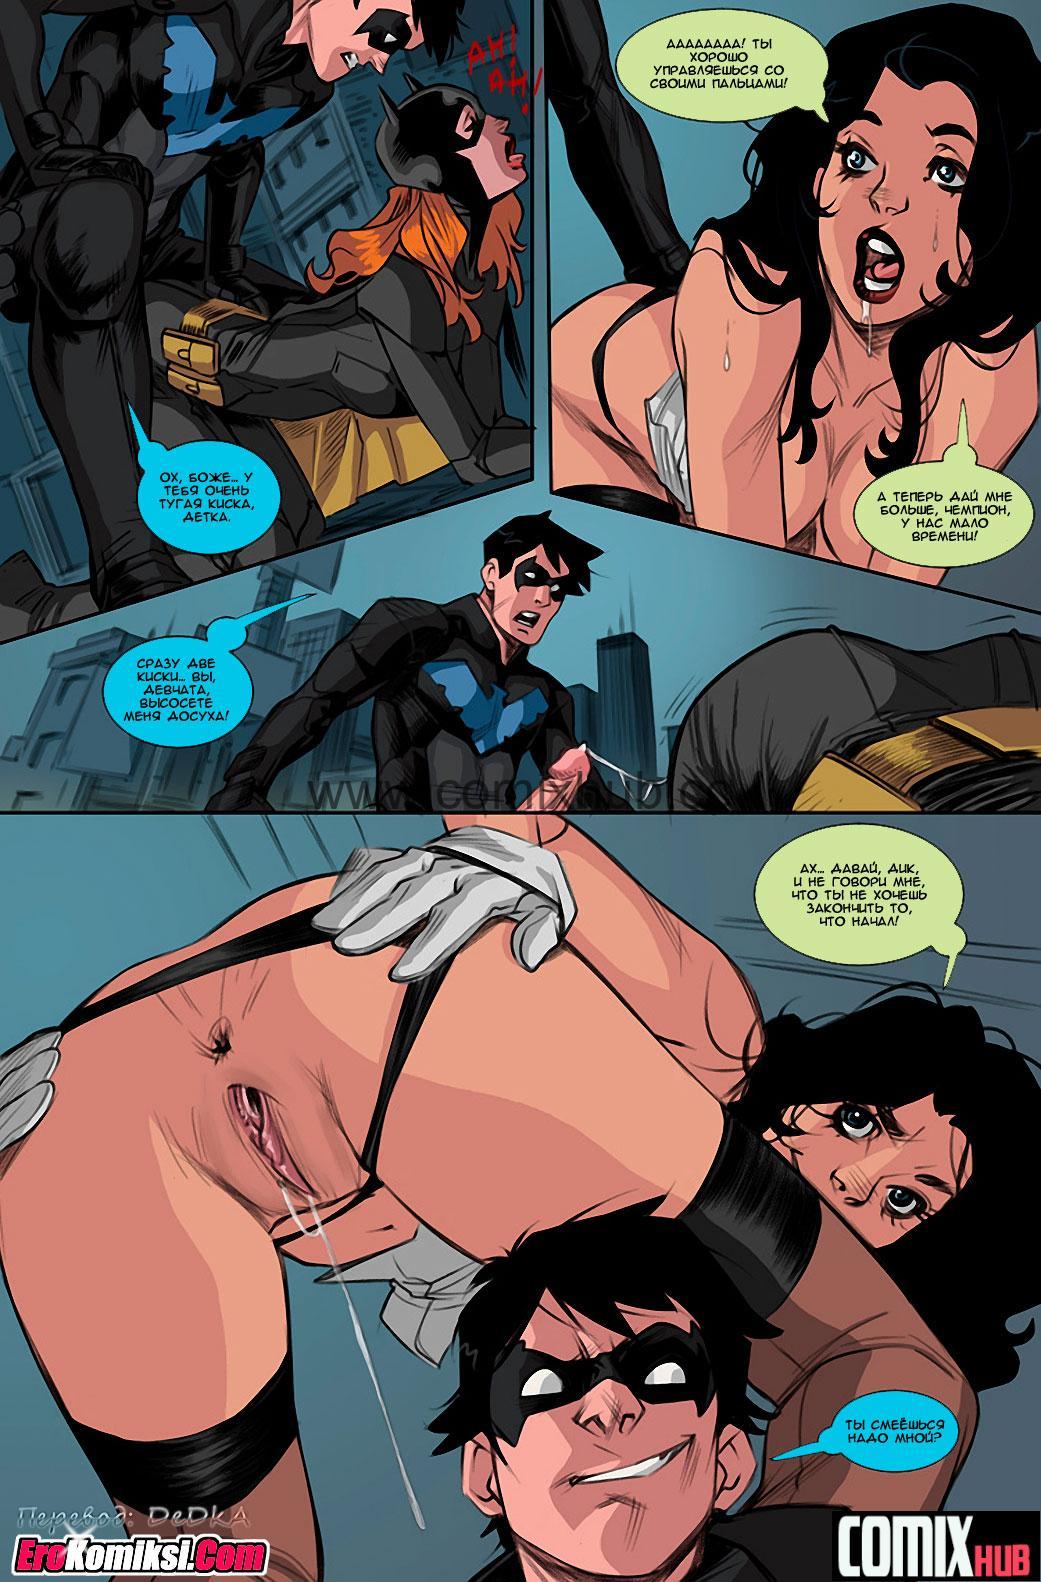 Порно комикс, Лига Справедливости XXX Порно комиксы, Анал, Большие члены, Групповой секс, Лесбиянки, Минет